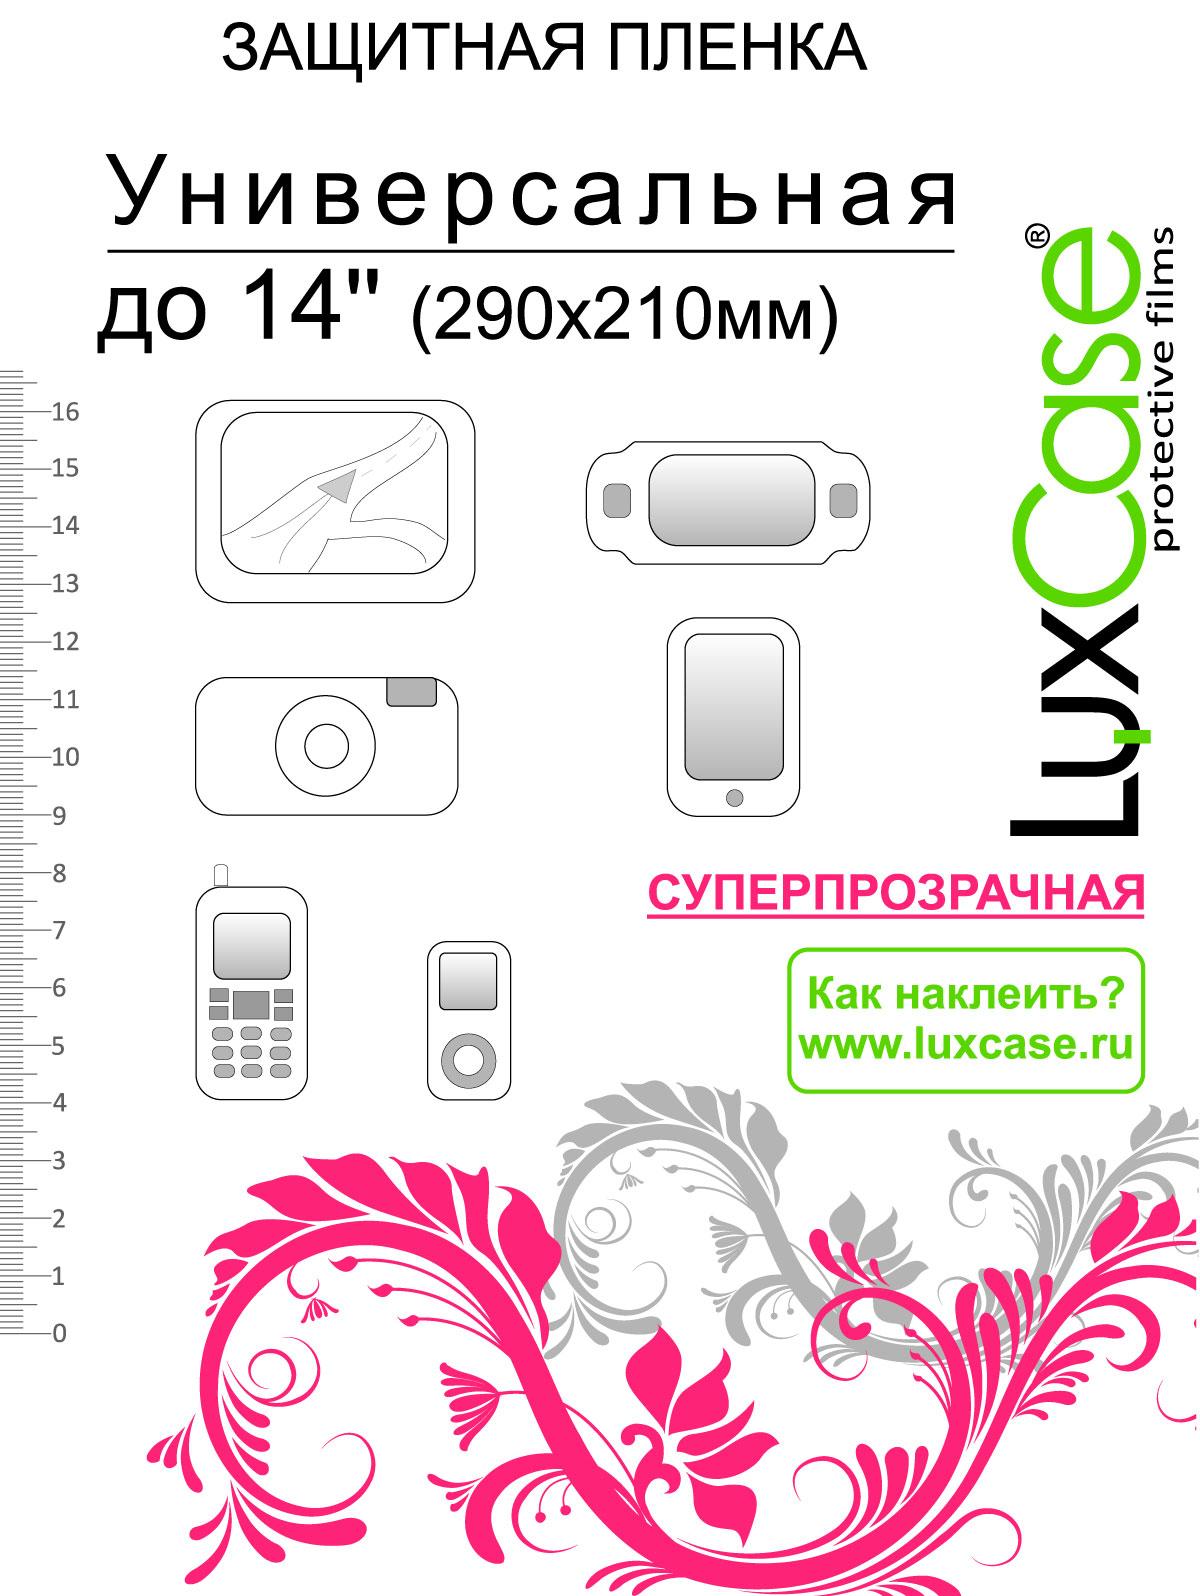 Luxcase универсальная защитная пленка для экрана 14'' (290x210 мм), суперпрозрачная защитные пленки для смартфонов